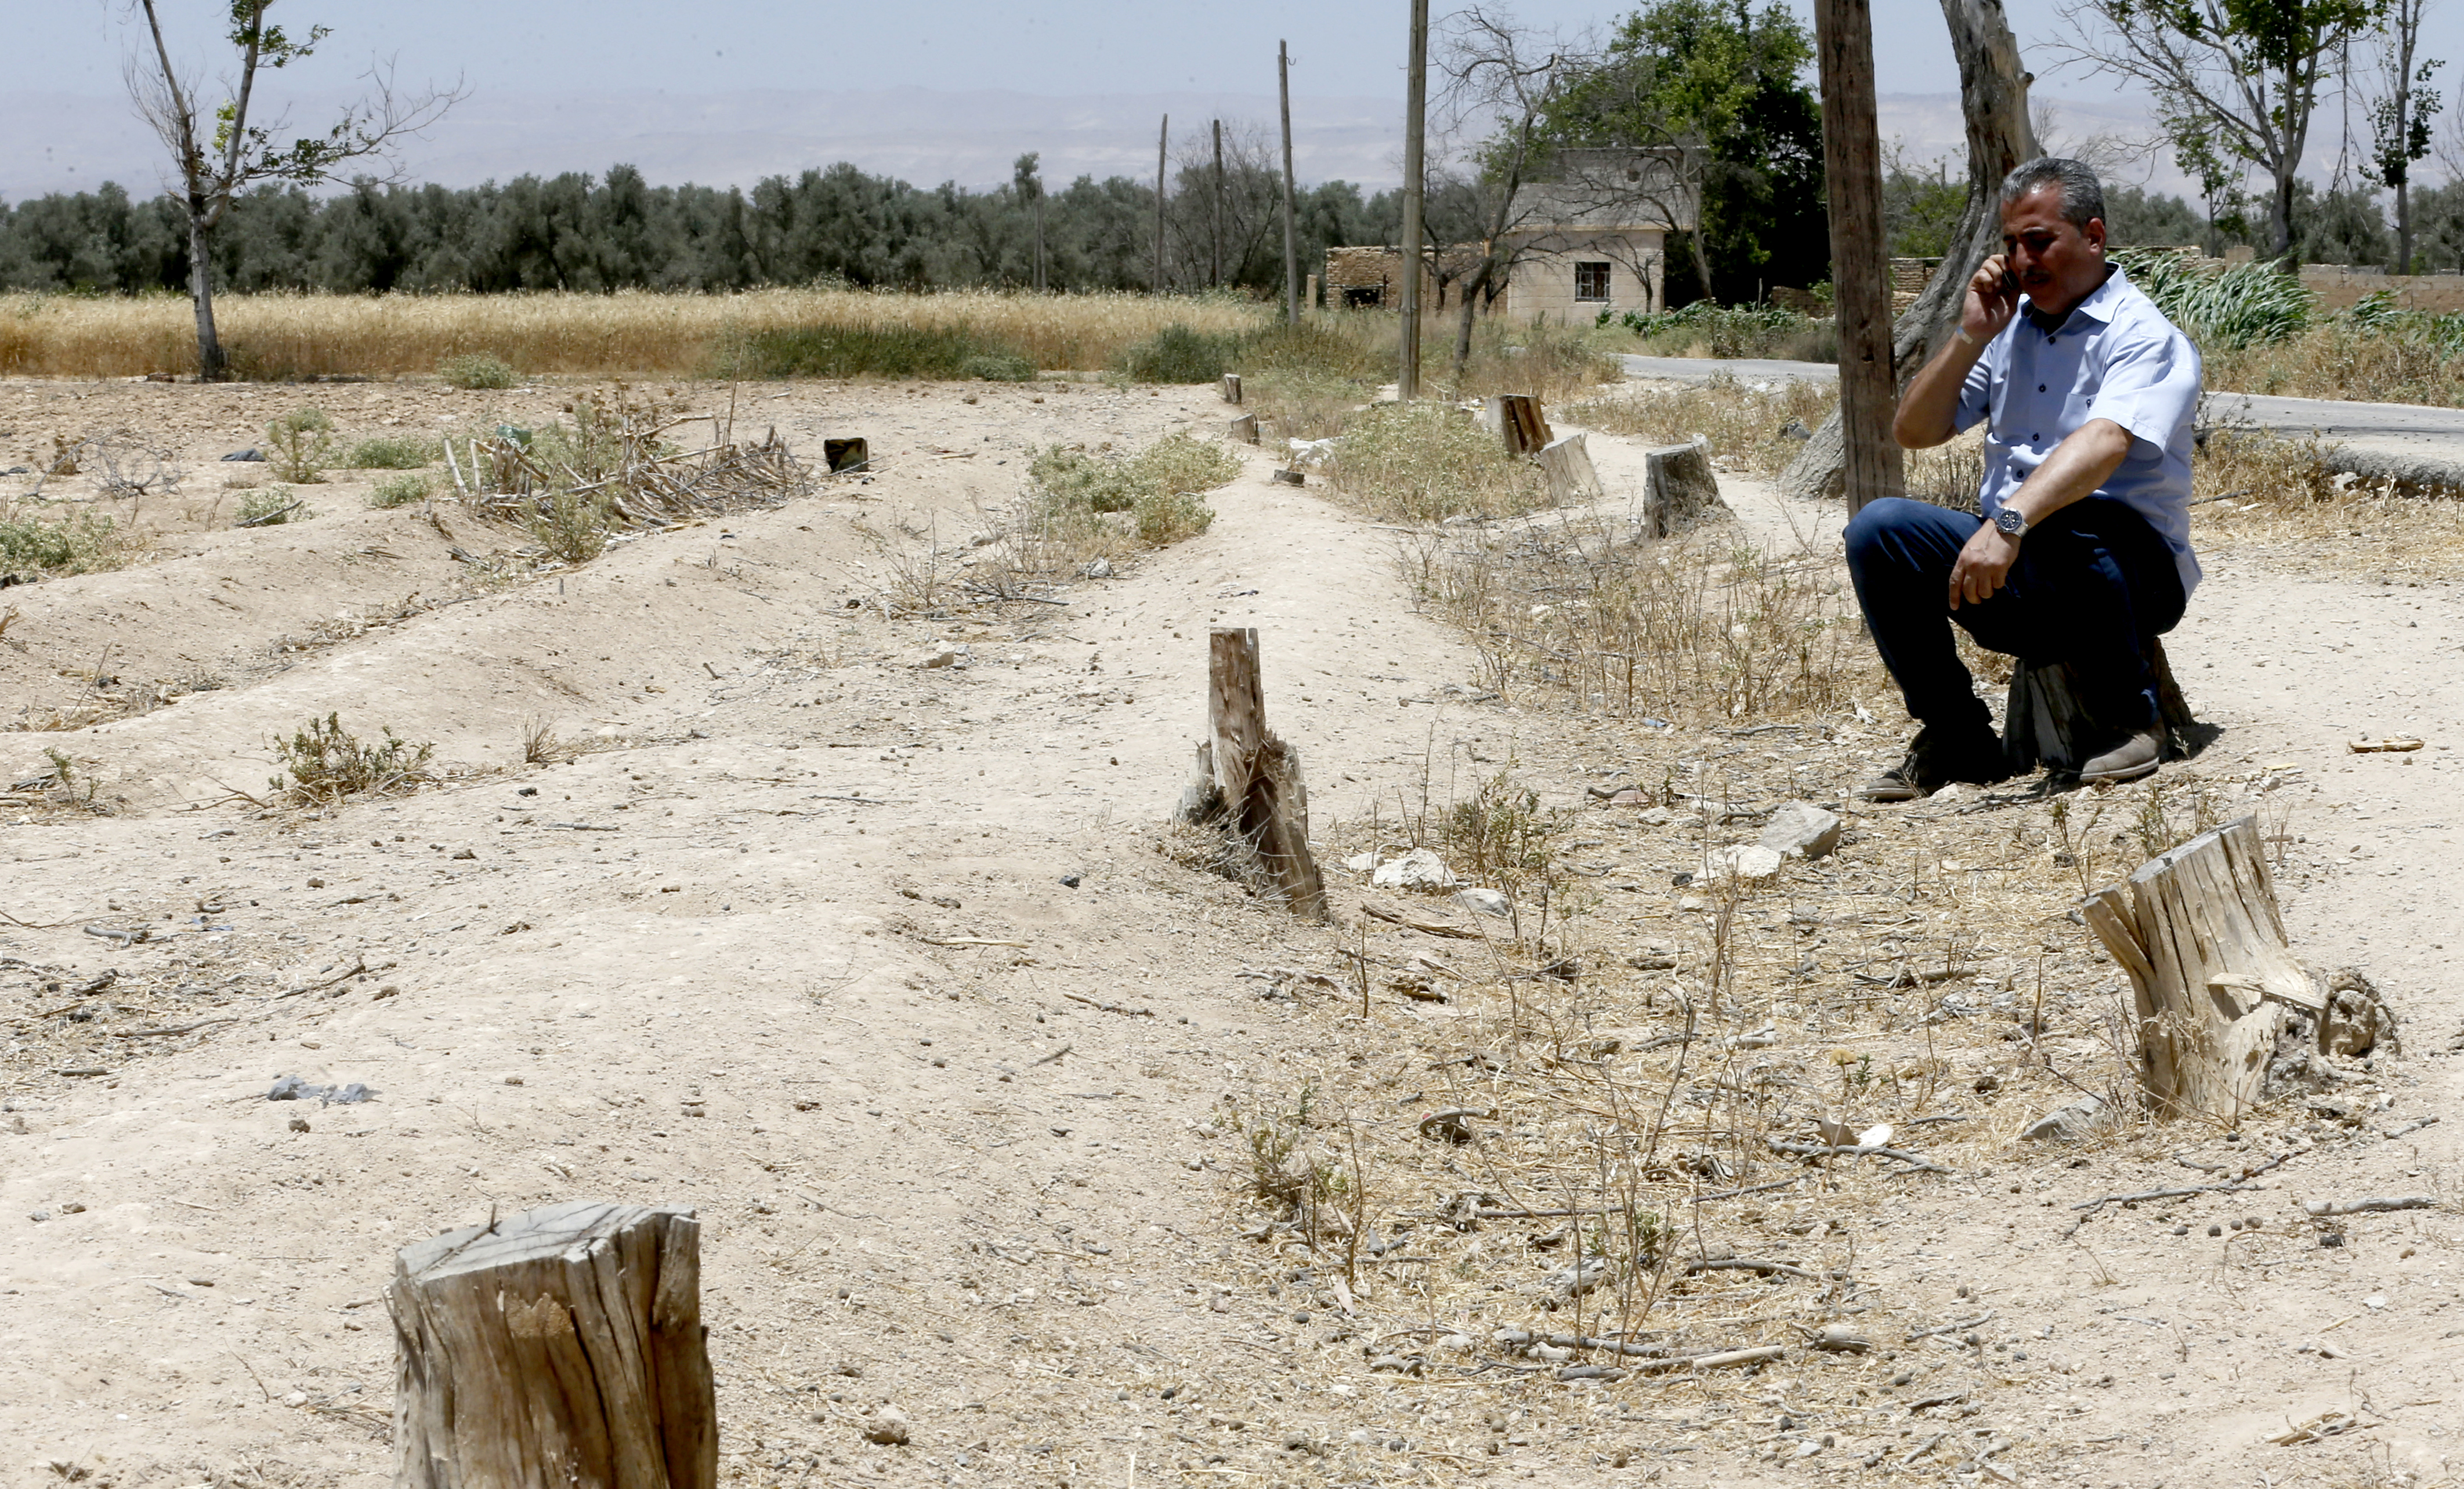 تسببت الحرب طيلة ست سنوات في إتلاف مئات الأشحار في الغوطة الشرقية